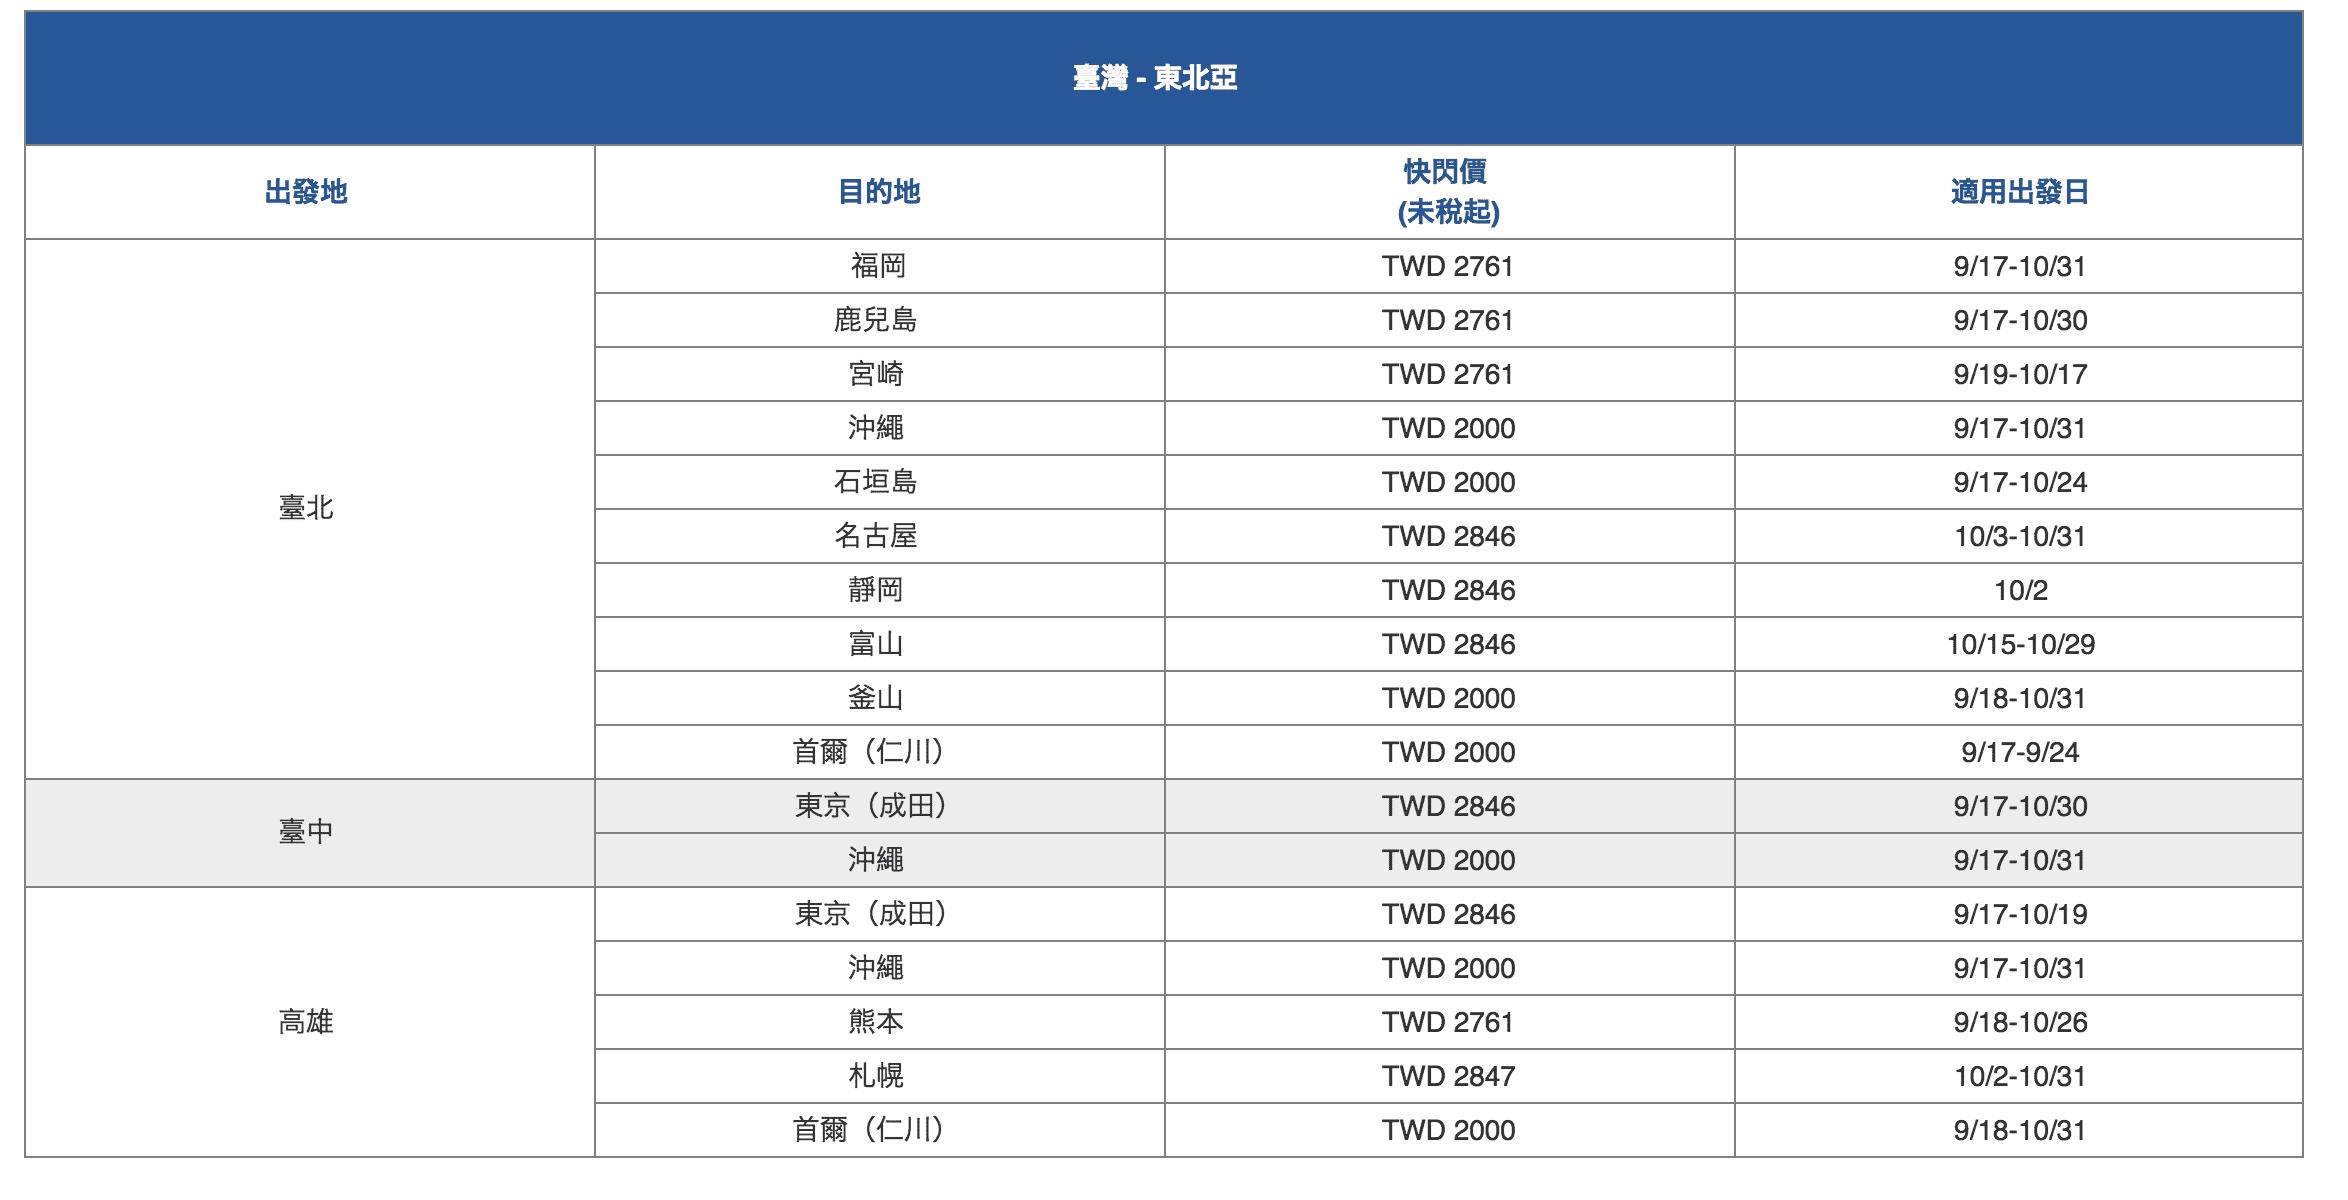 史上超強,華航快閃特價~歐美紐澳通通有~9/17~9/19,週一不要Blue了~歐洲線最低15K起台灣來回~